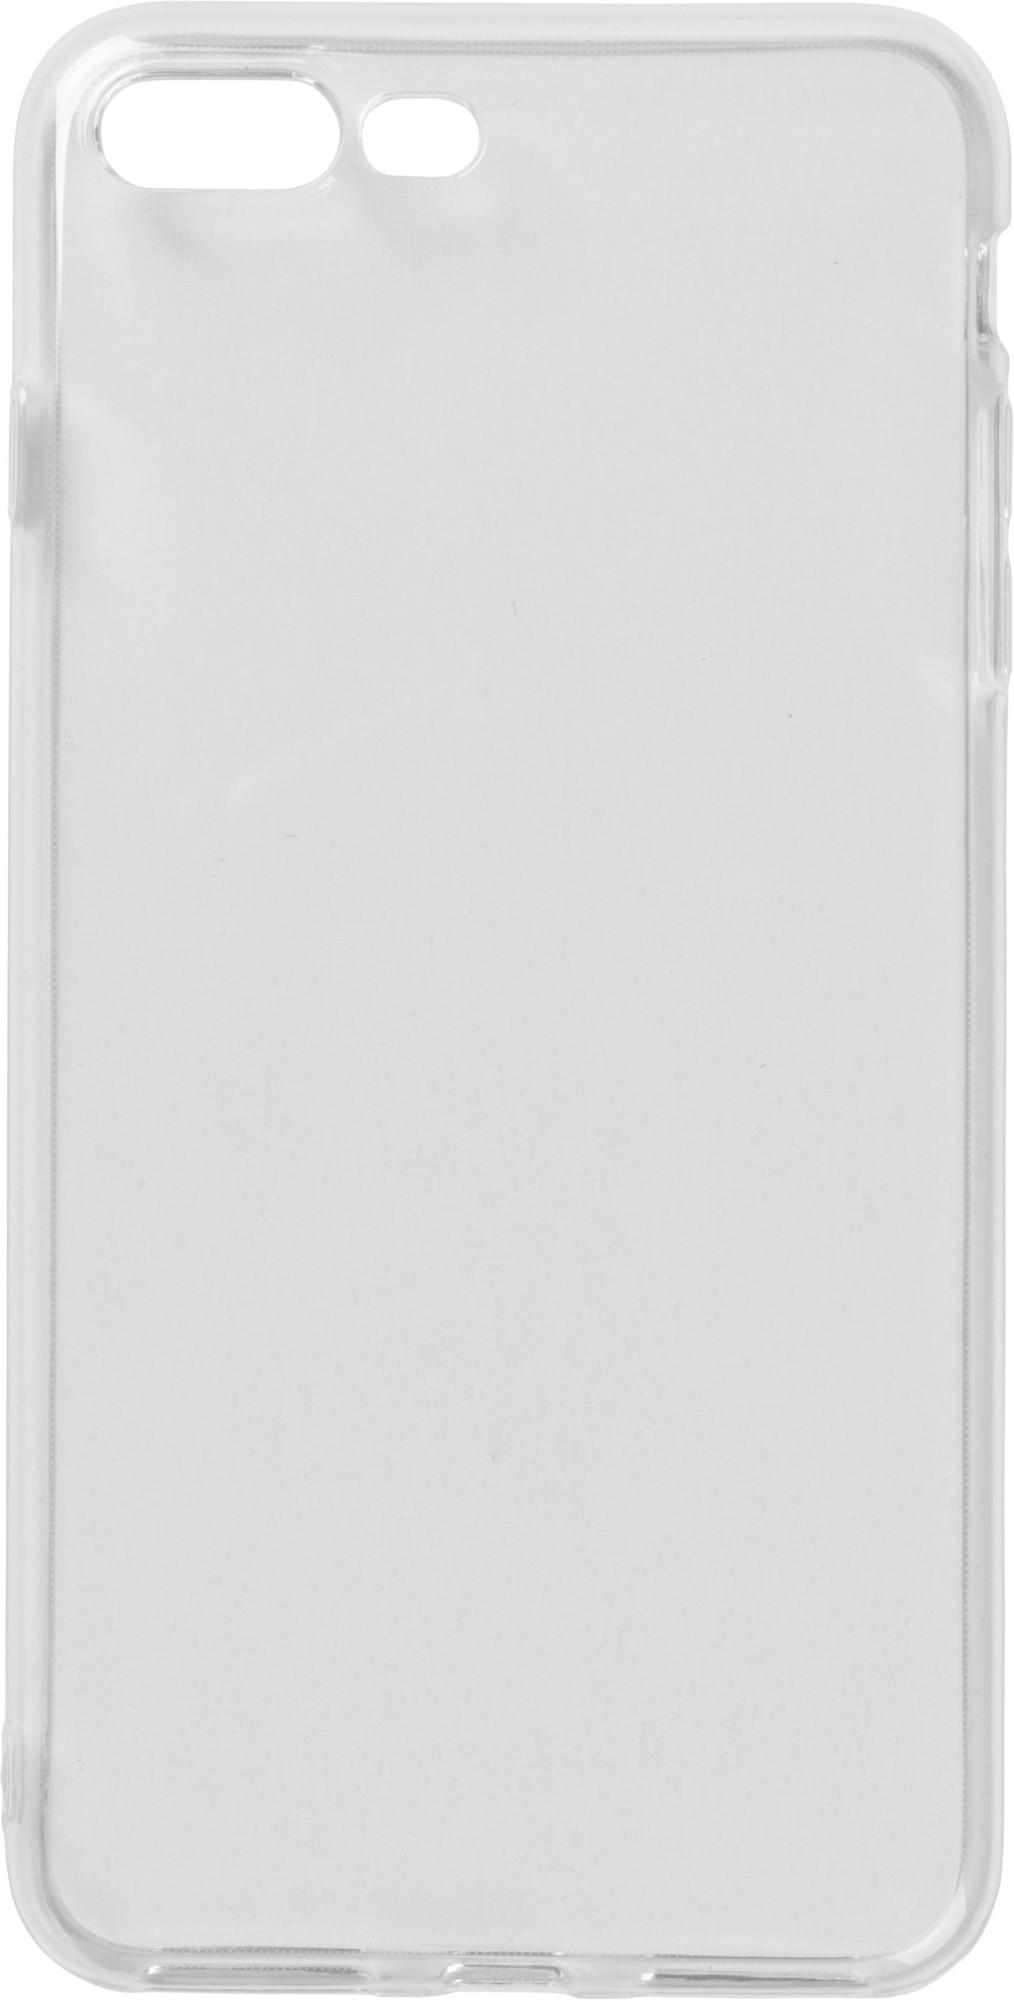 eSTUFF ES671080 mobile phone case Cover Transparent